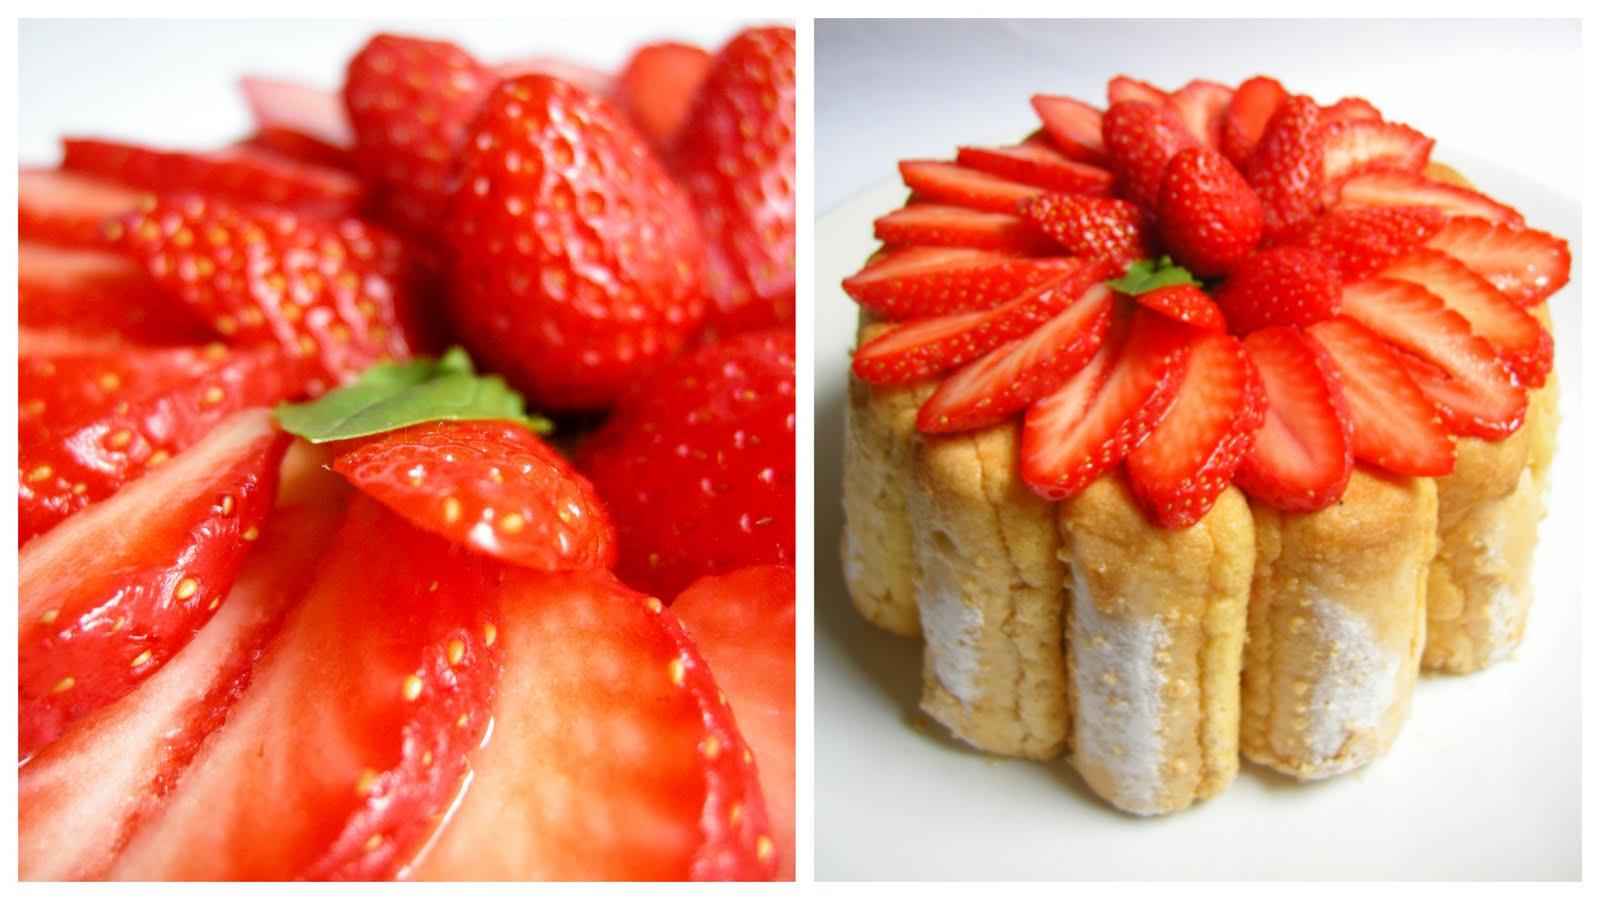 Jeux de charlotte aux fraises gateau home baking for you blog photo - Jeux de charlotte aux fraises cuisine gateaux ...